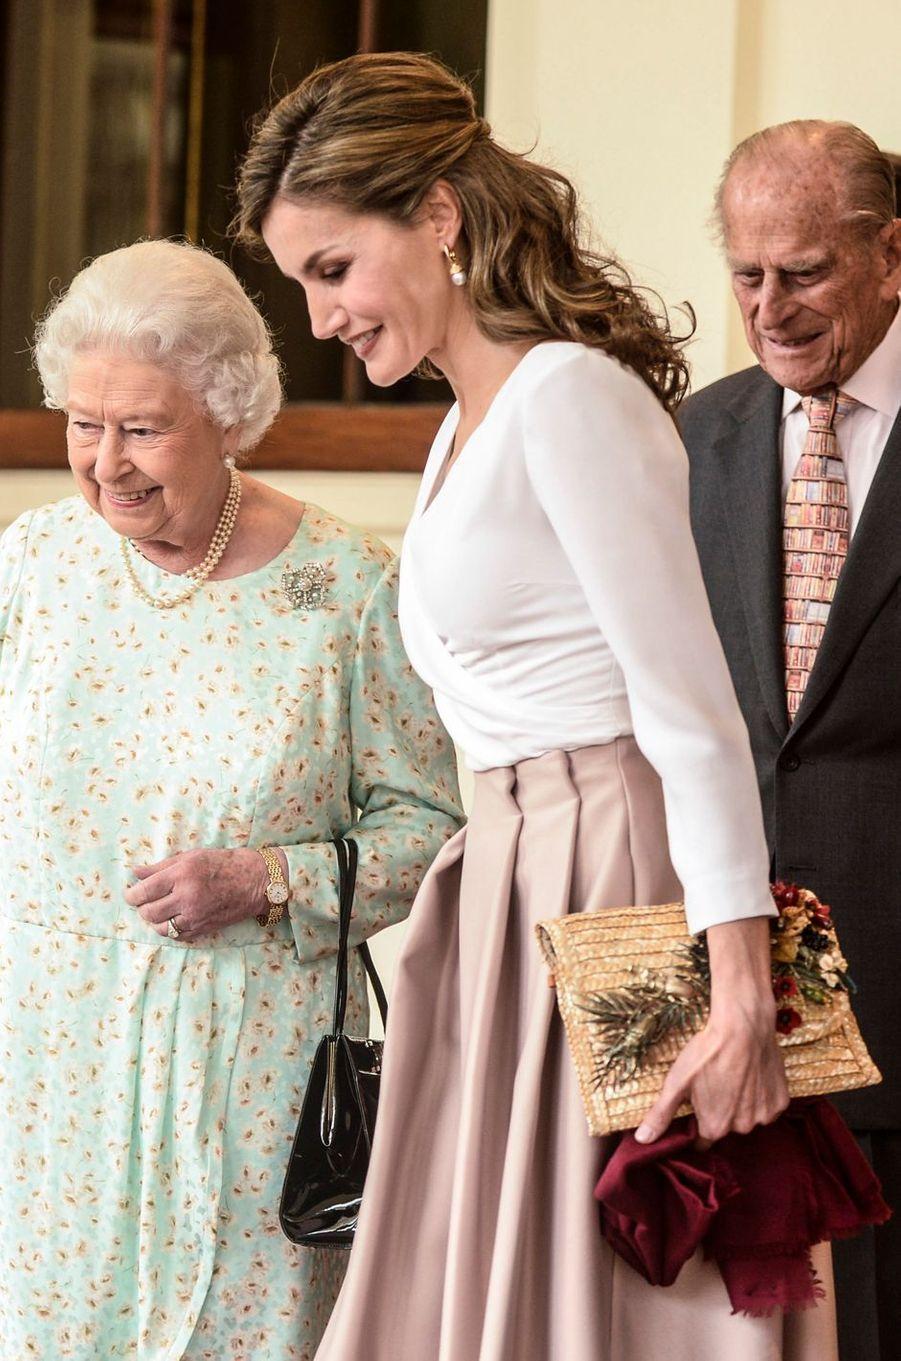 La reine Letizia d'Espagne avec une pochette Suma Cruz ornée de fleurs et de scarabées, le 14 juillet 2017